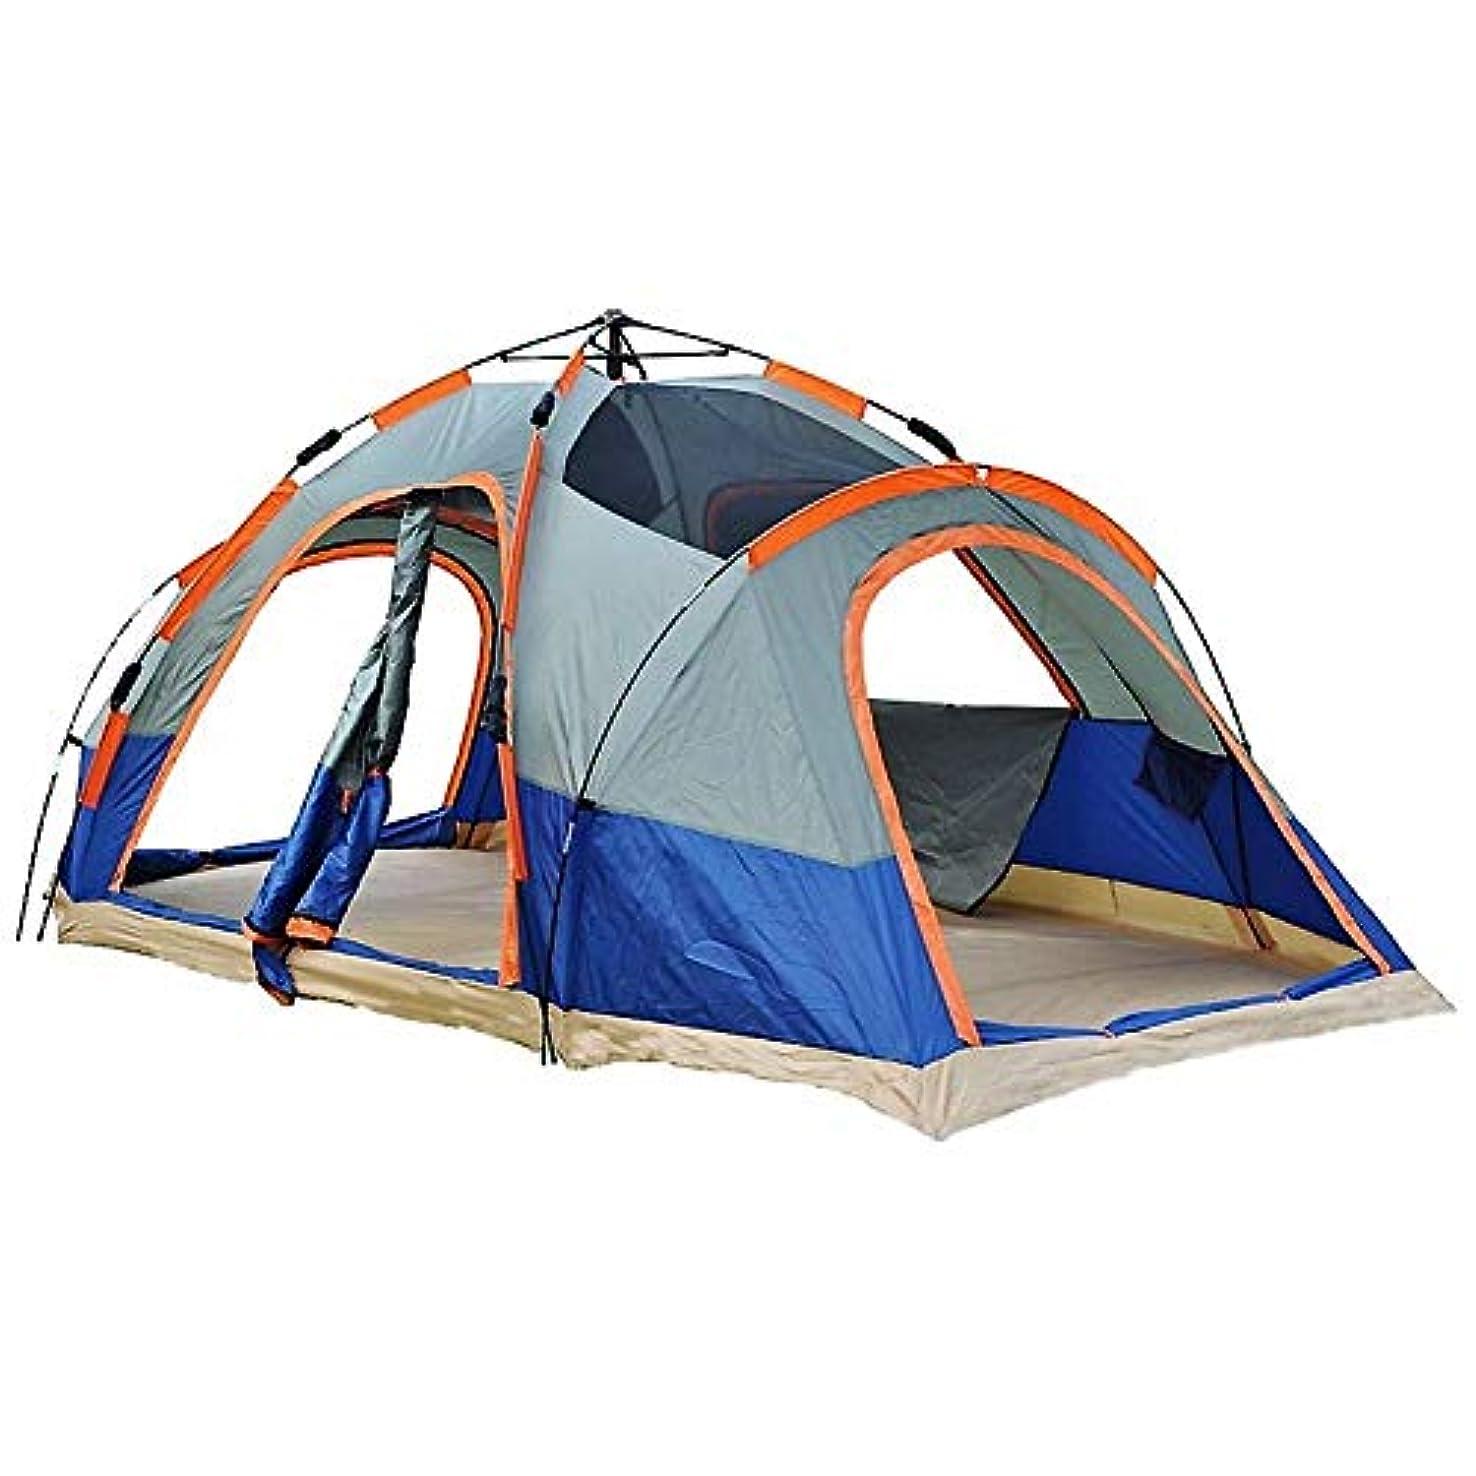 出会い禁止男やもめ自動テント、屋外5-8人多人数ダブルスピードオープン2つの部屋大きな穴付き二重層キャンプ用品ファミリーキャンプテント